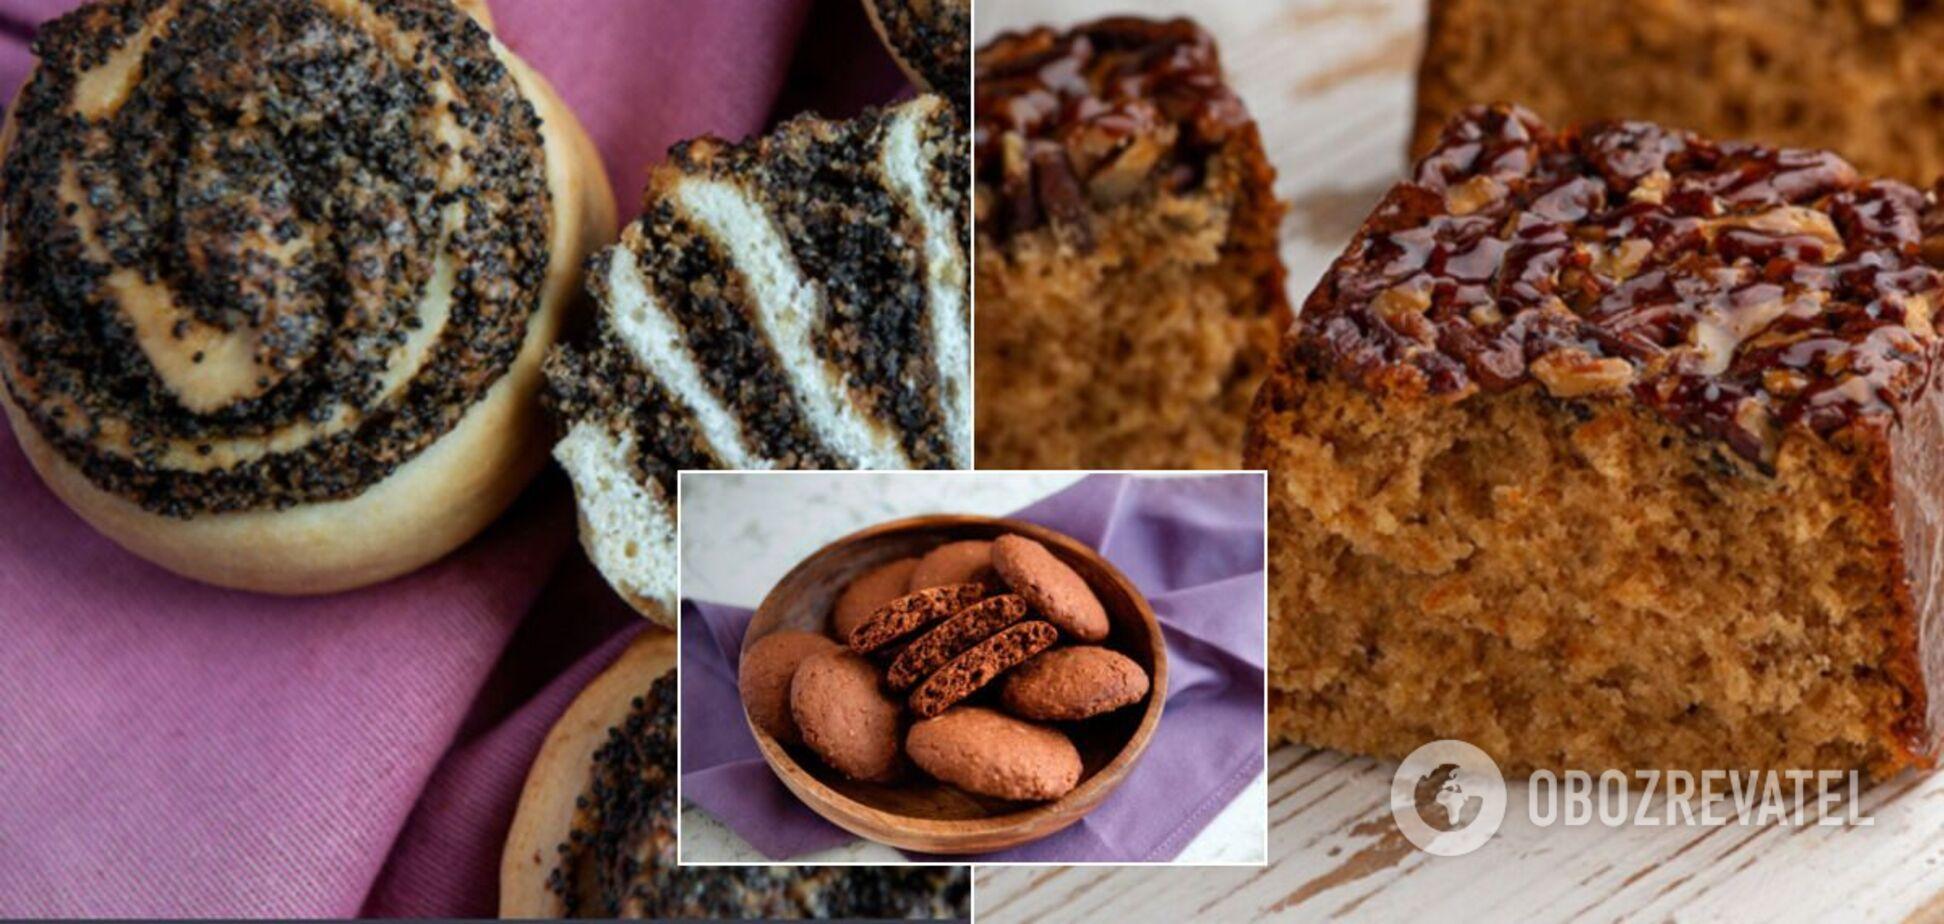 Різдвяний піст 2020: рецепти солодощів від Лізи Глинської